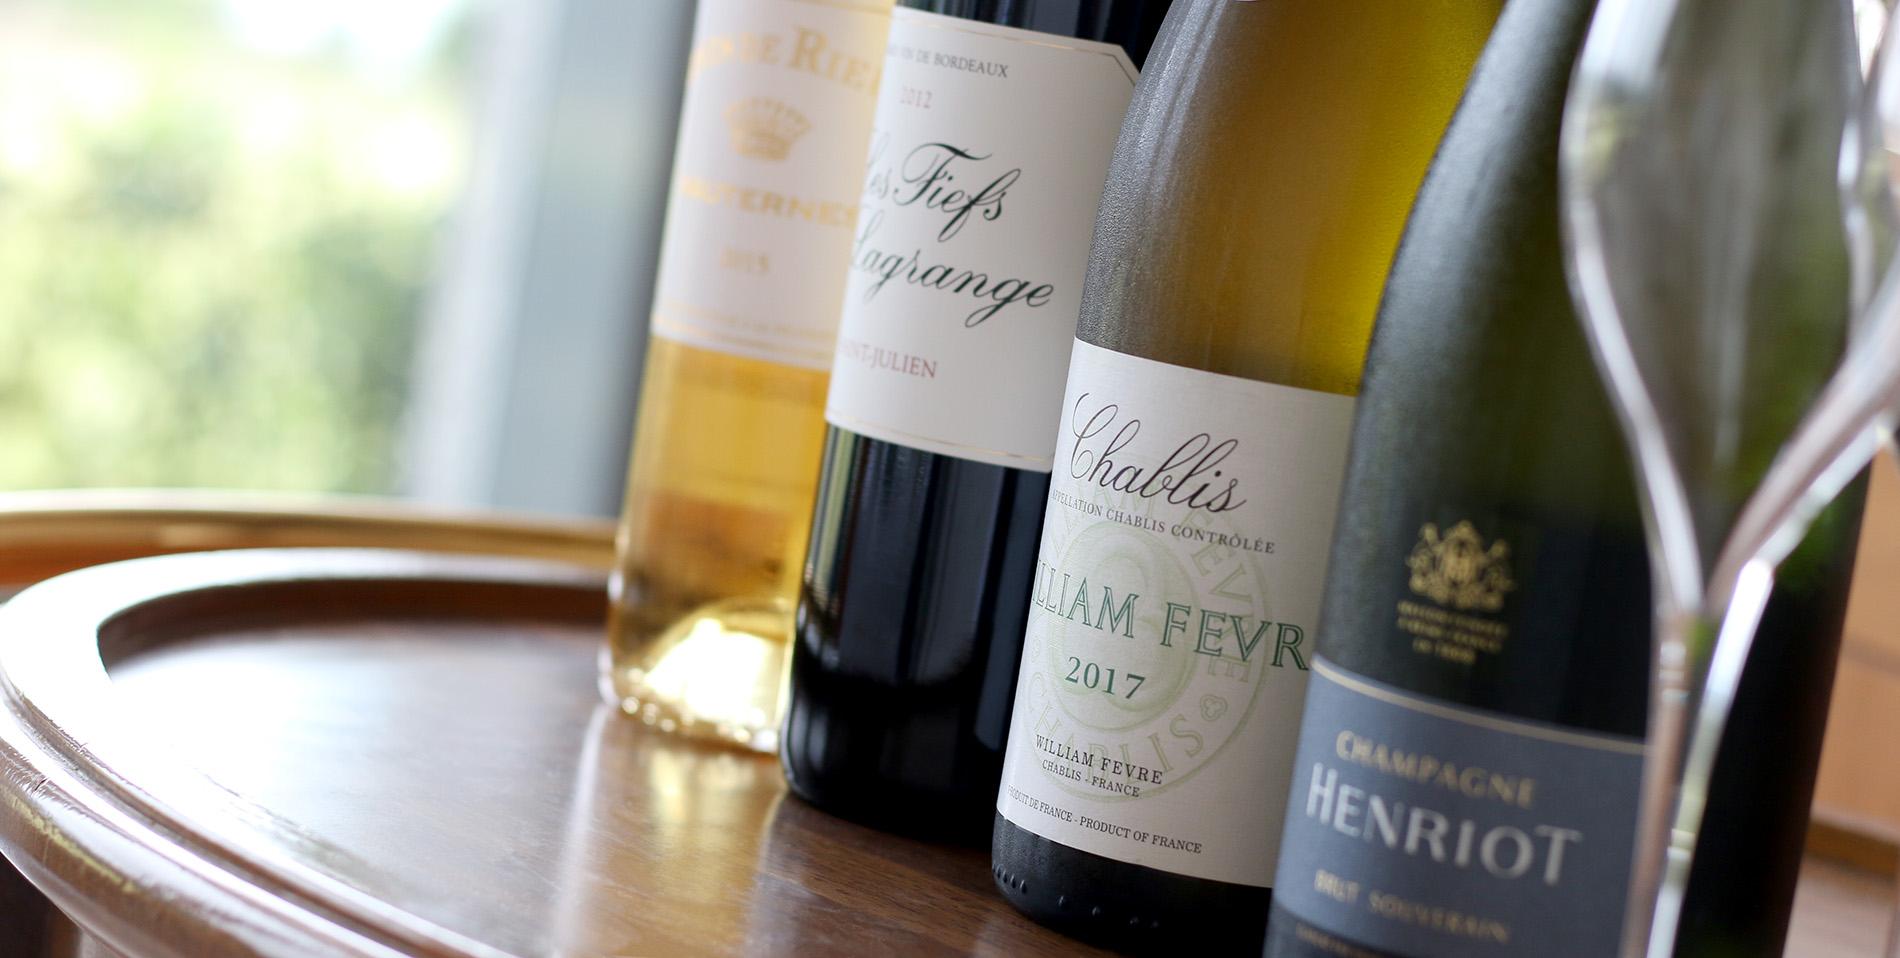 アンリオファミリーのワインとの饗宴 スペシャルディナー